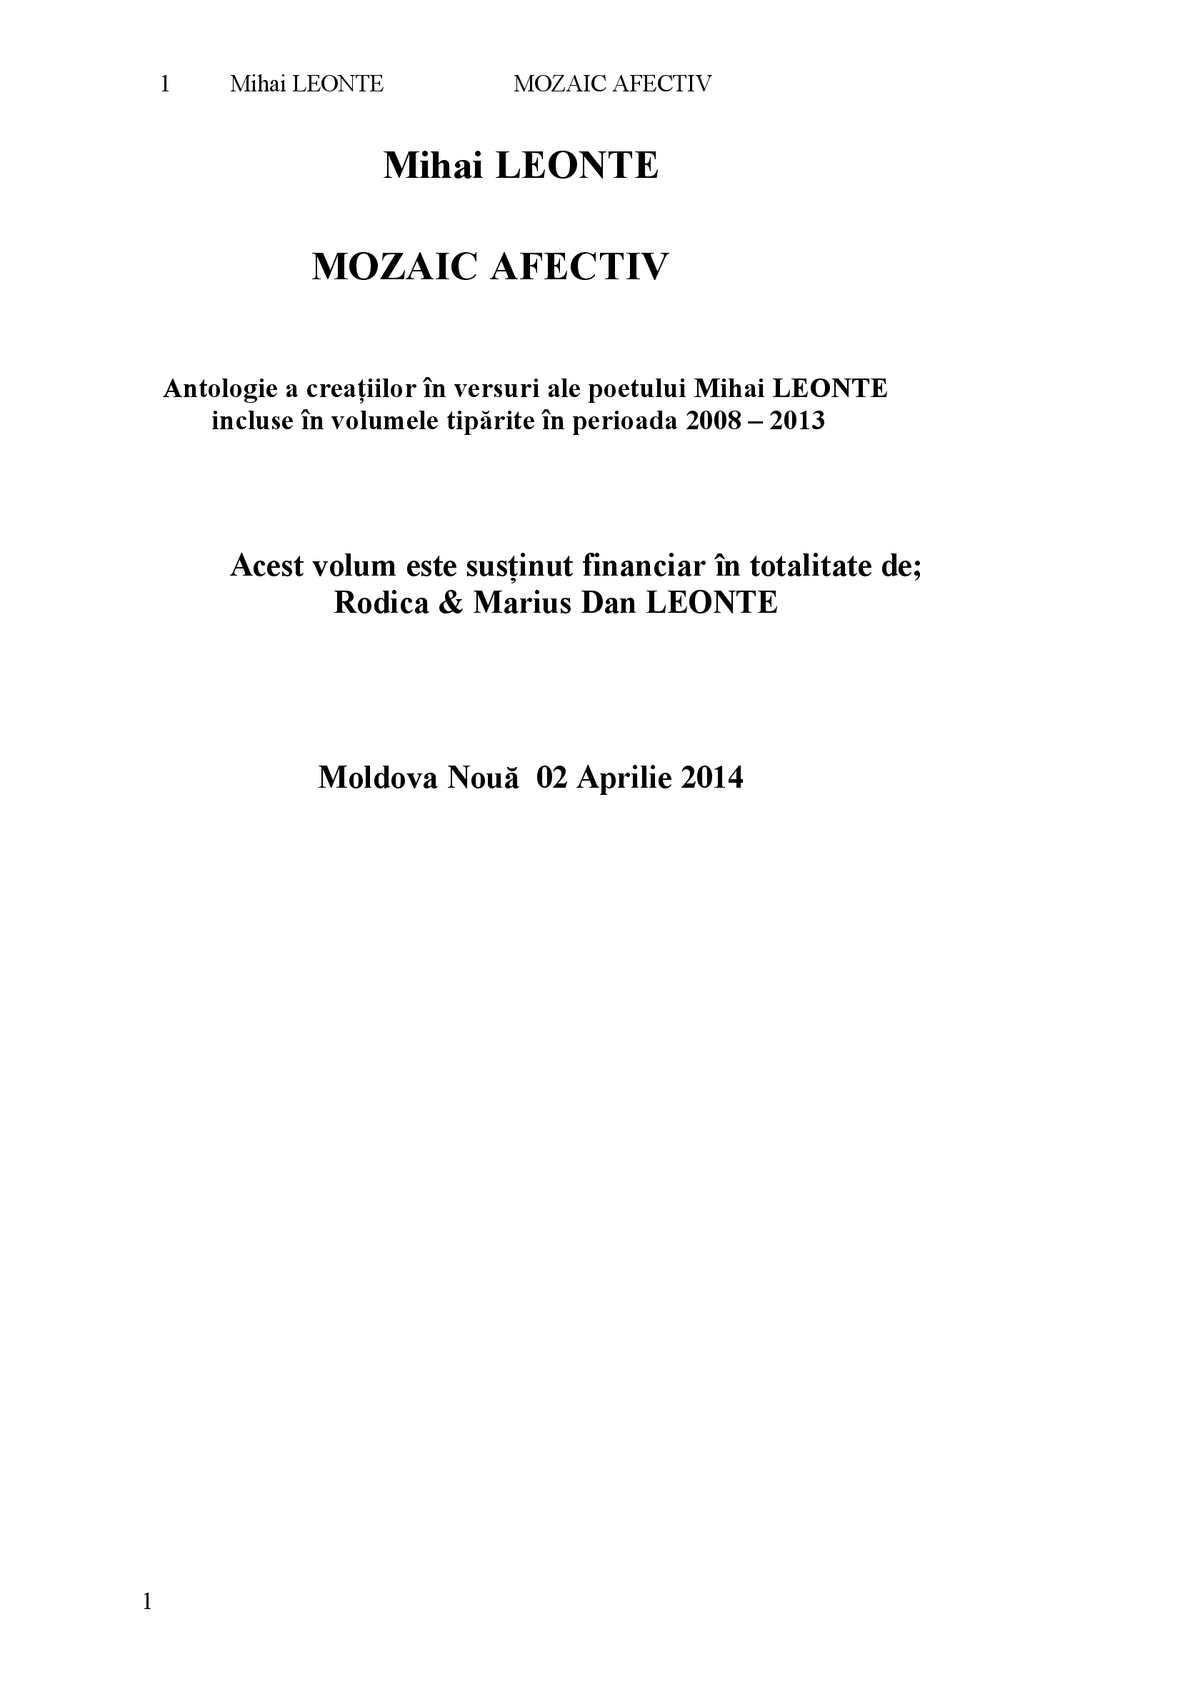 cumpăra bine 50% preț angro Calaméo - Mozaic Afectiv...autor Mihai LEONTE